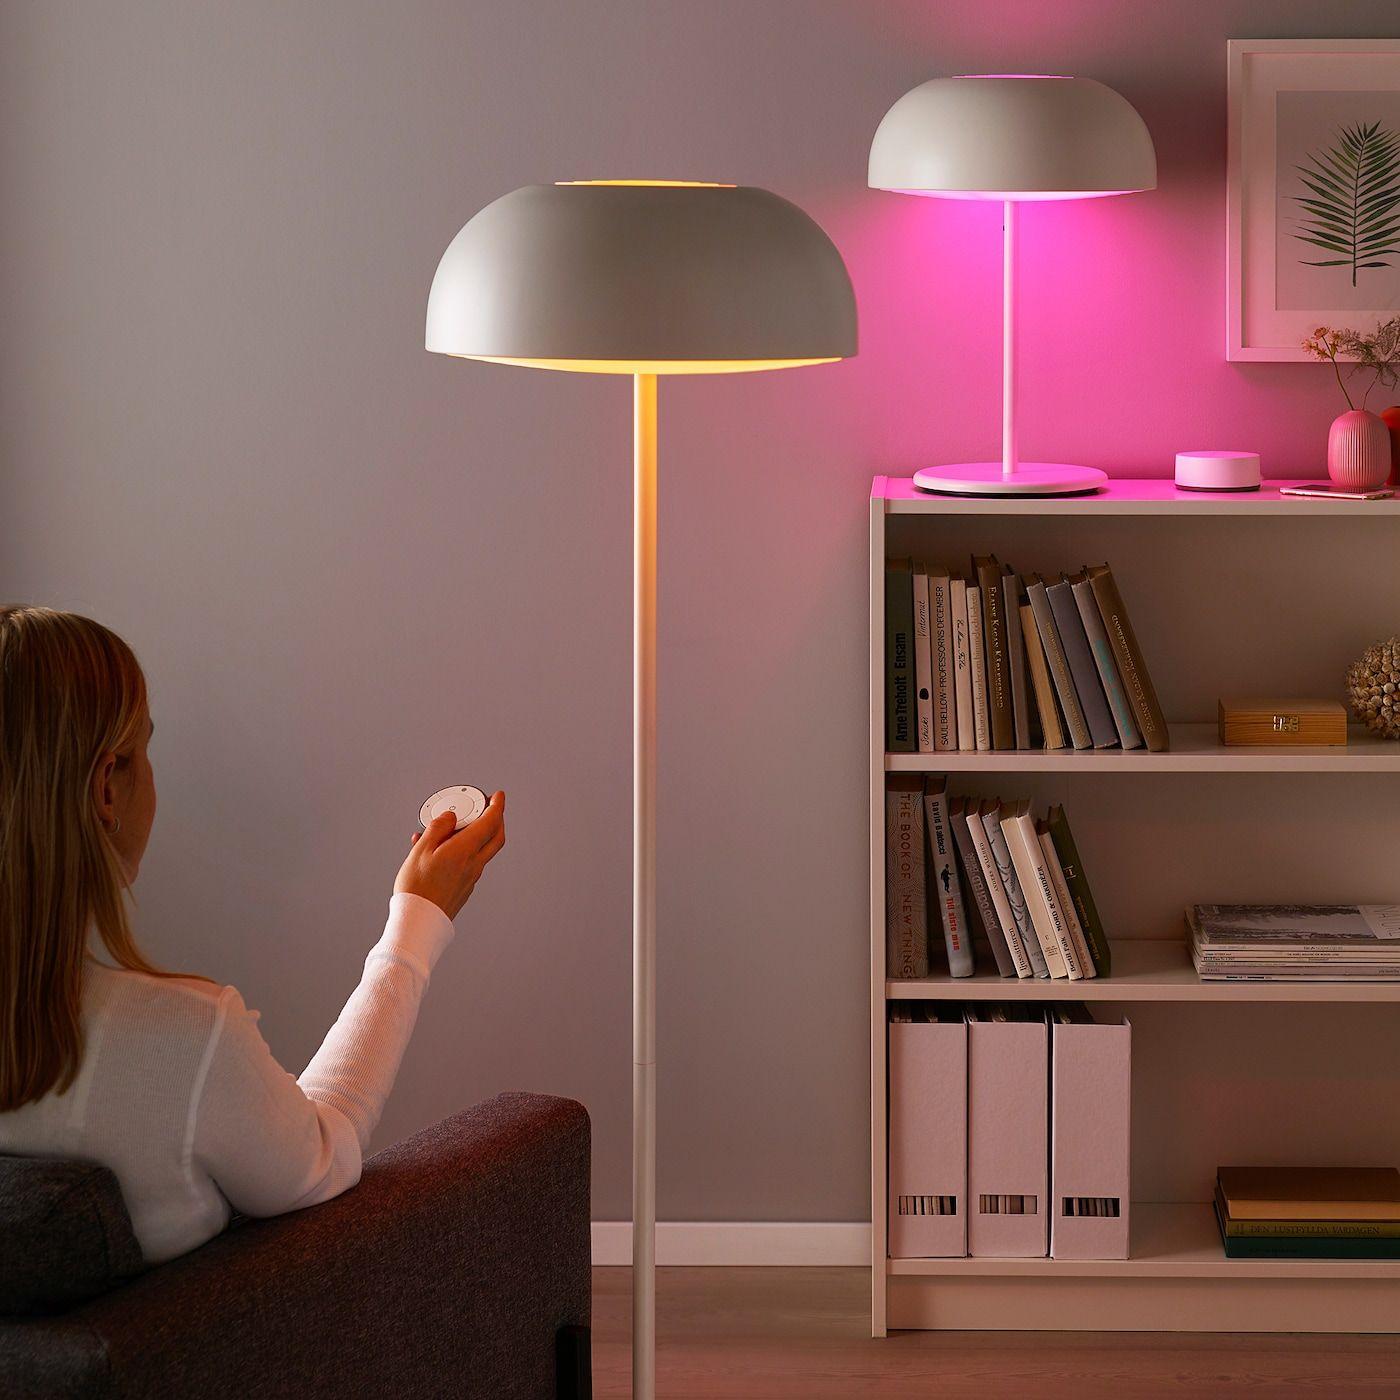 TRÅDFRI Set mit Gateway Farb und Weißspektrum IKEA